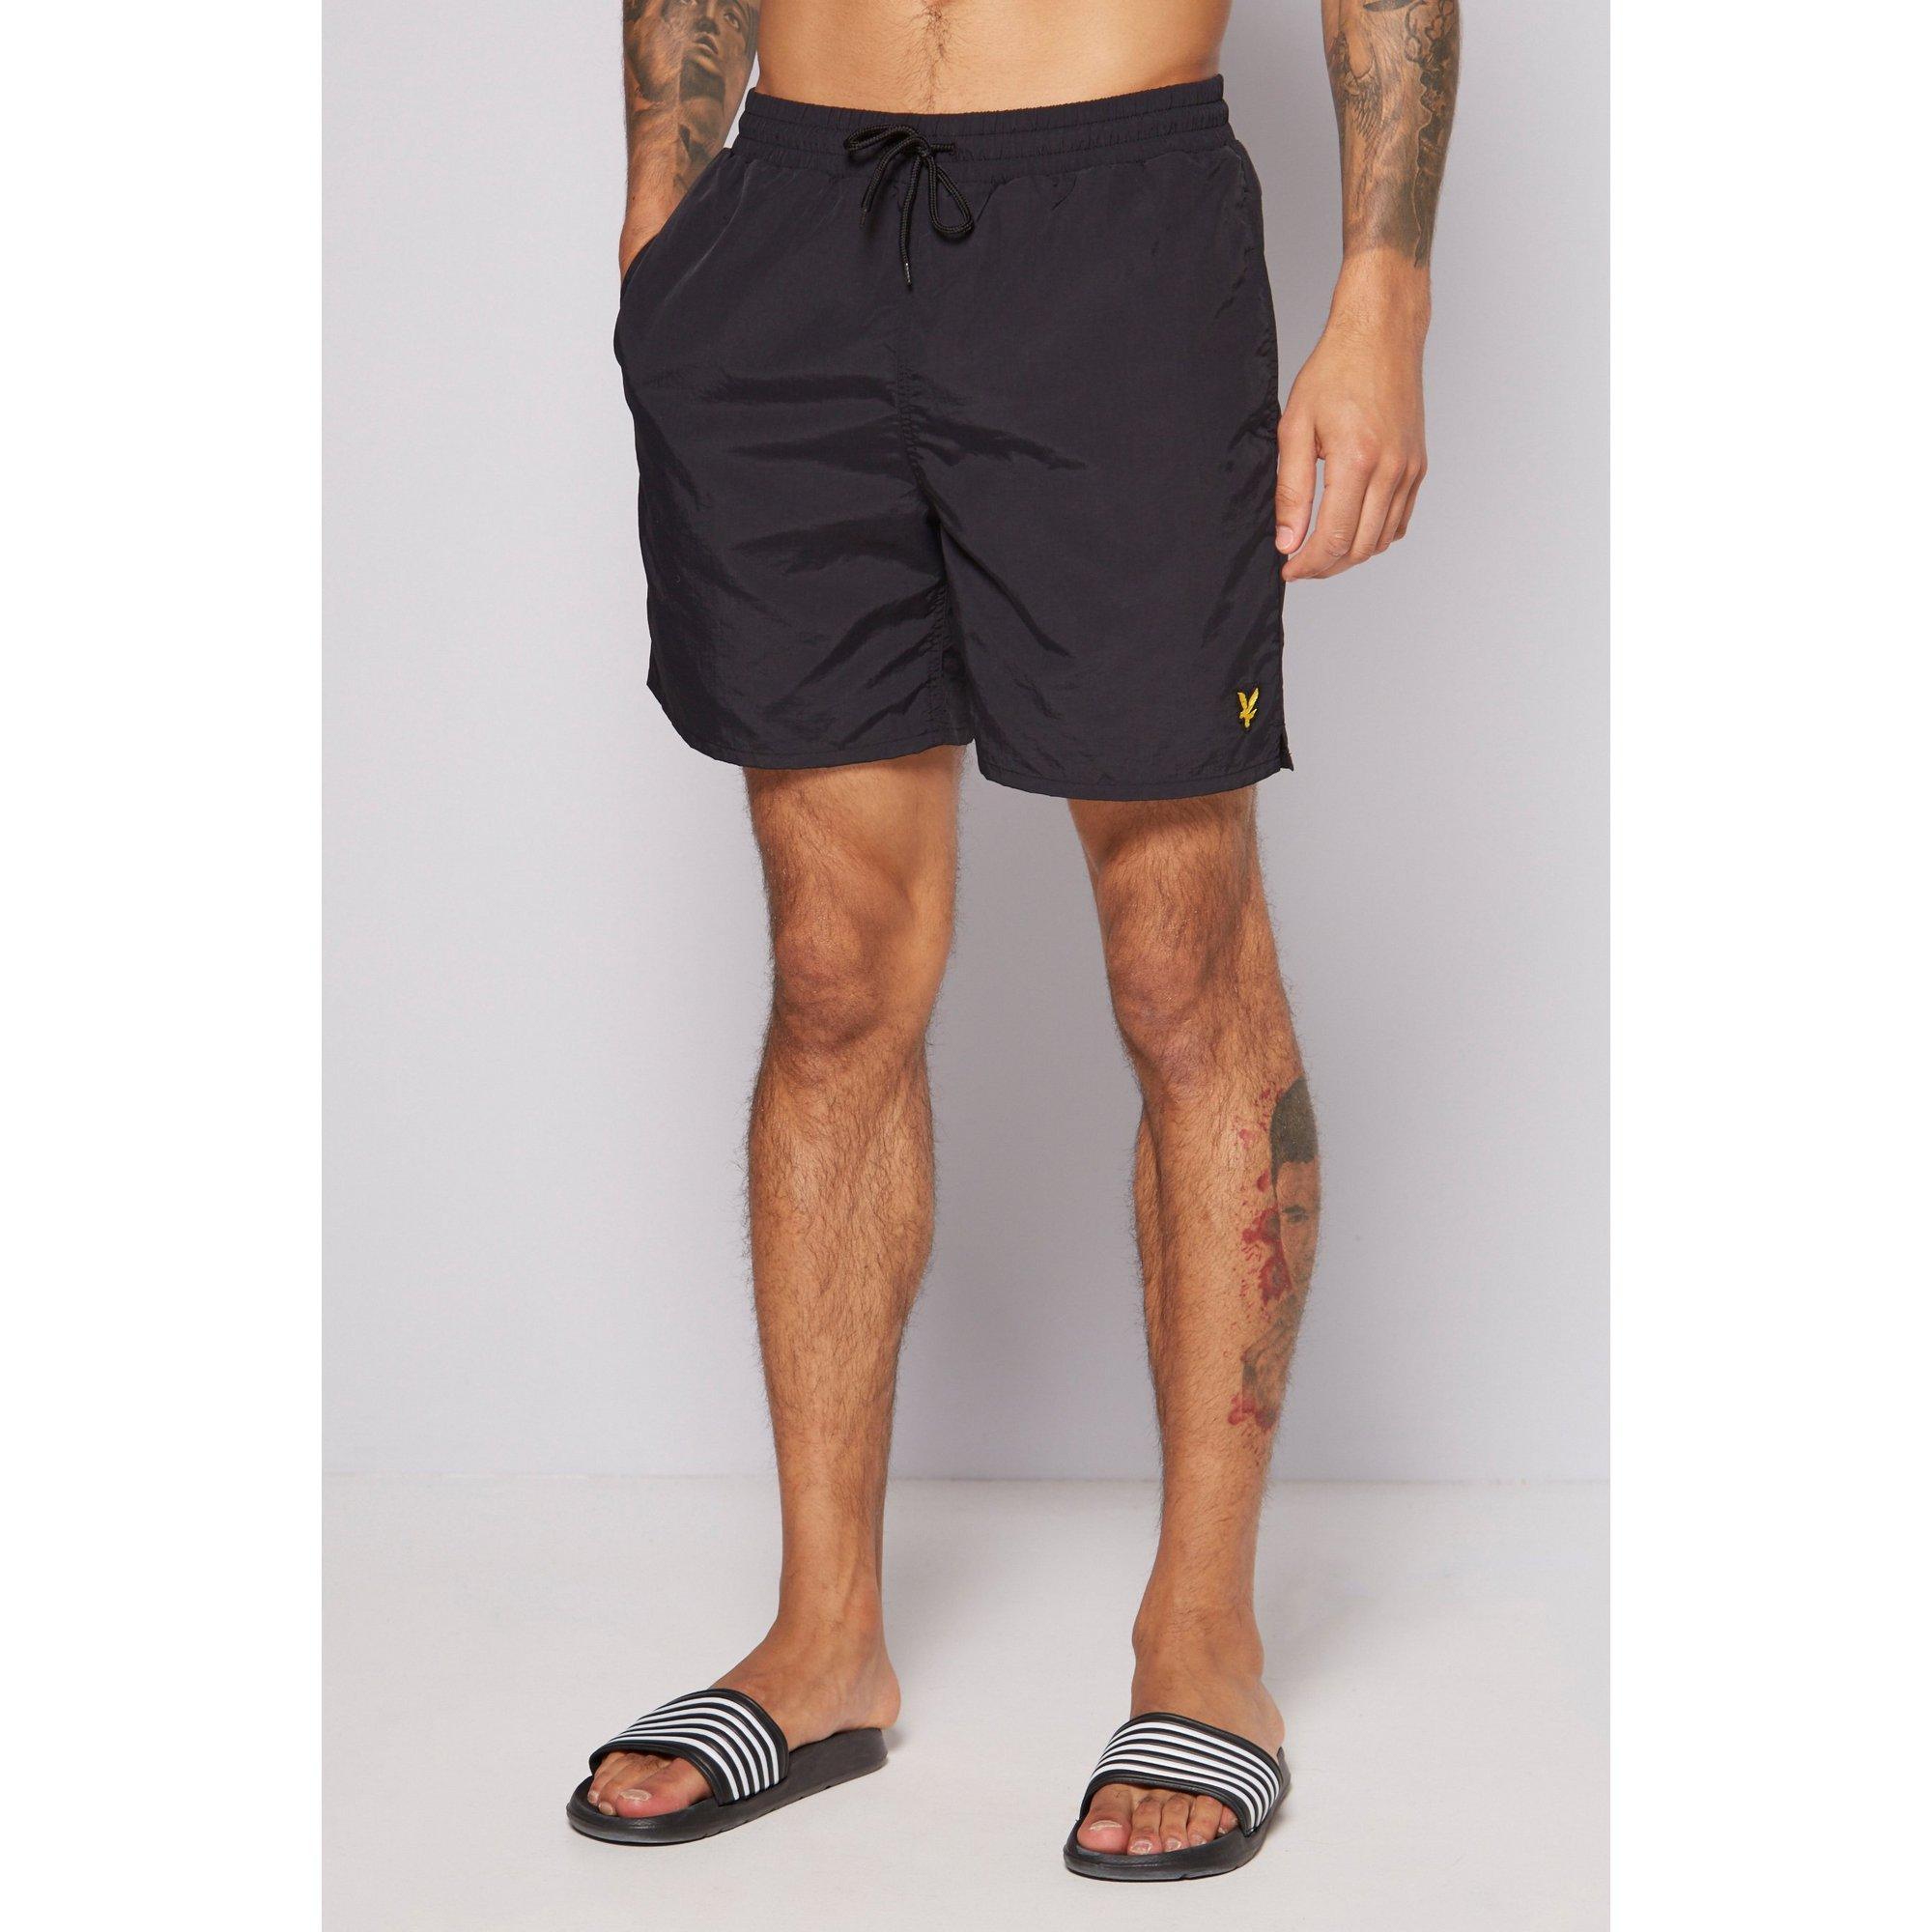 Image of Lyle and Scott Black Swim Shorts